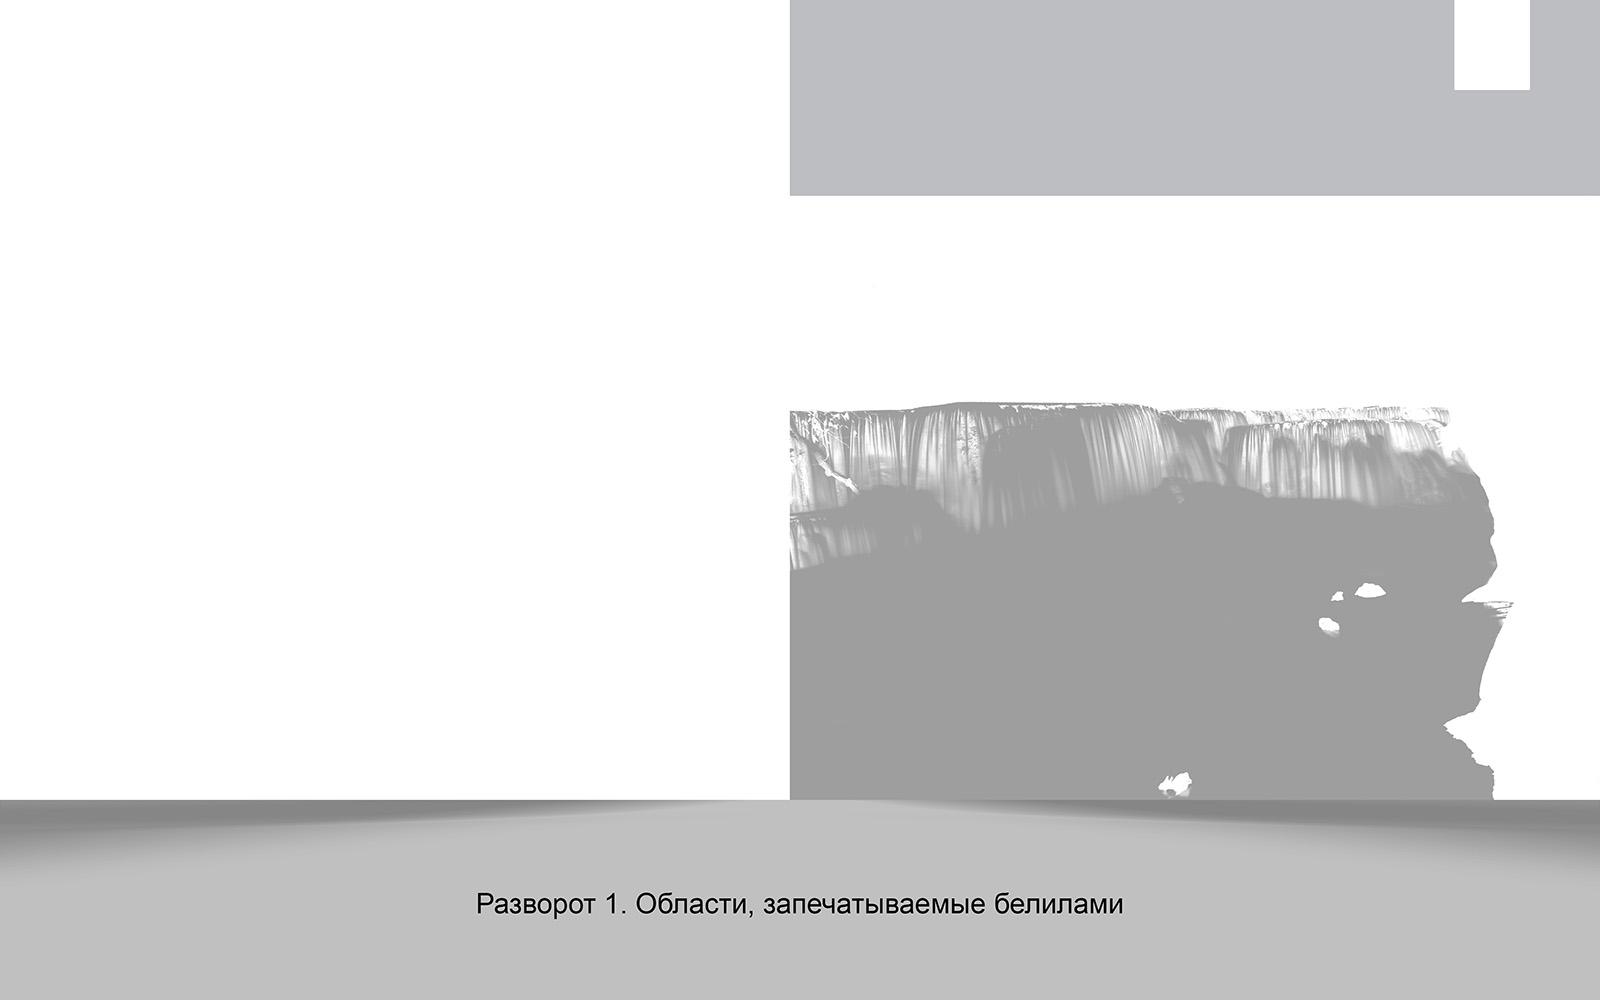 Дизайн рекламной брошюры возможностей типографии фото f_5555648d497612c9.jpg